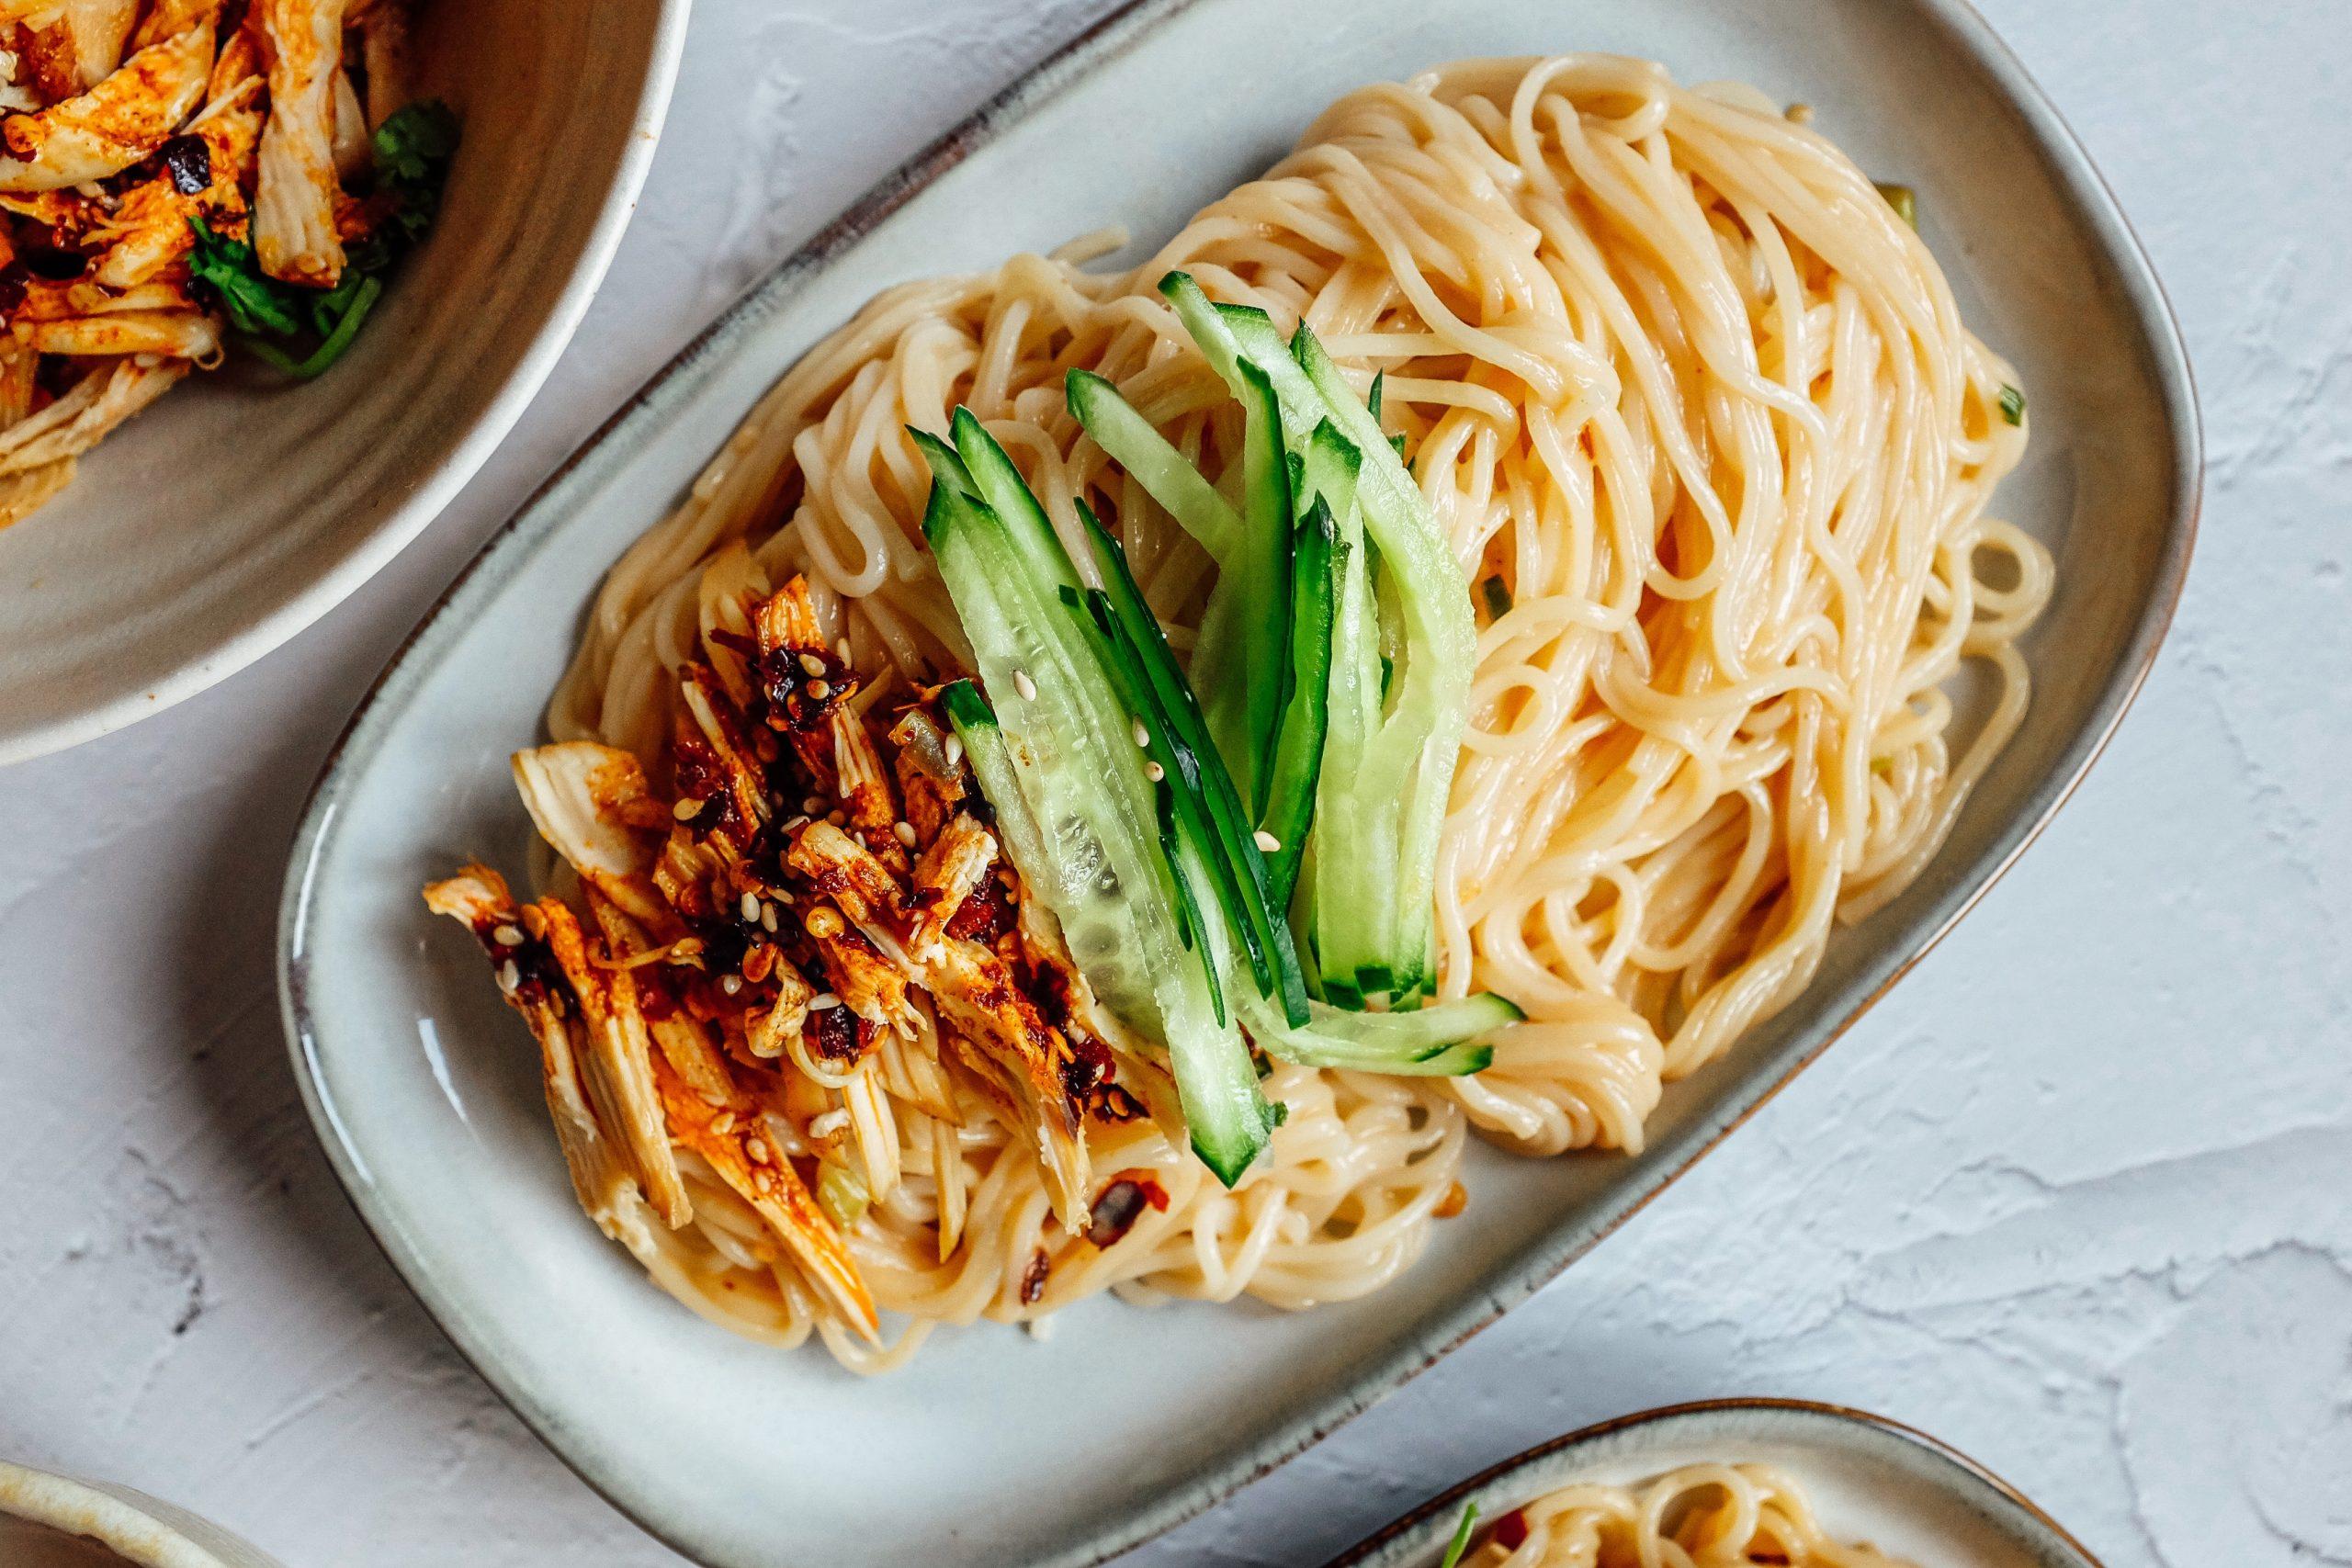 Scola i noodles e mettili in una ciotola. Aggiungi le sale, il cetriolo e il pollo piccante in base alle tue preferenze.